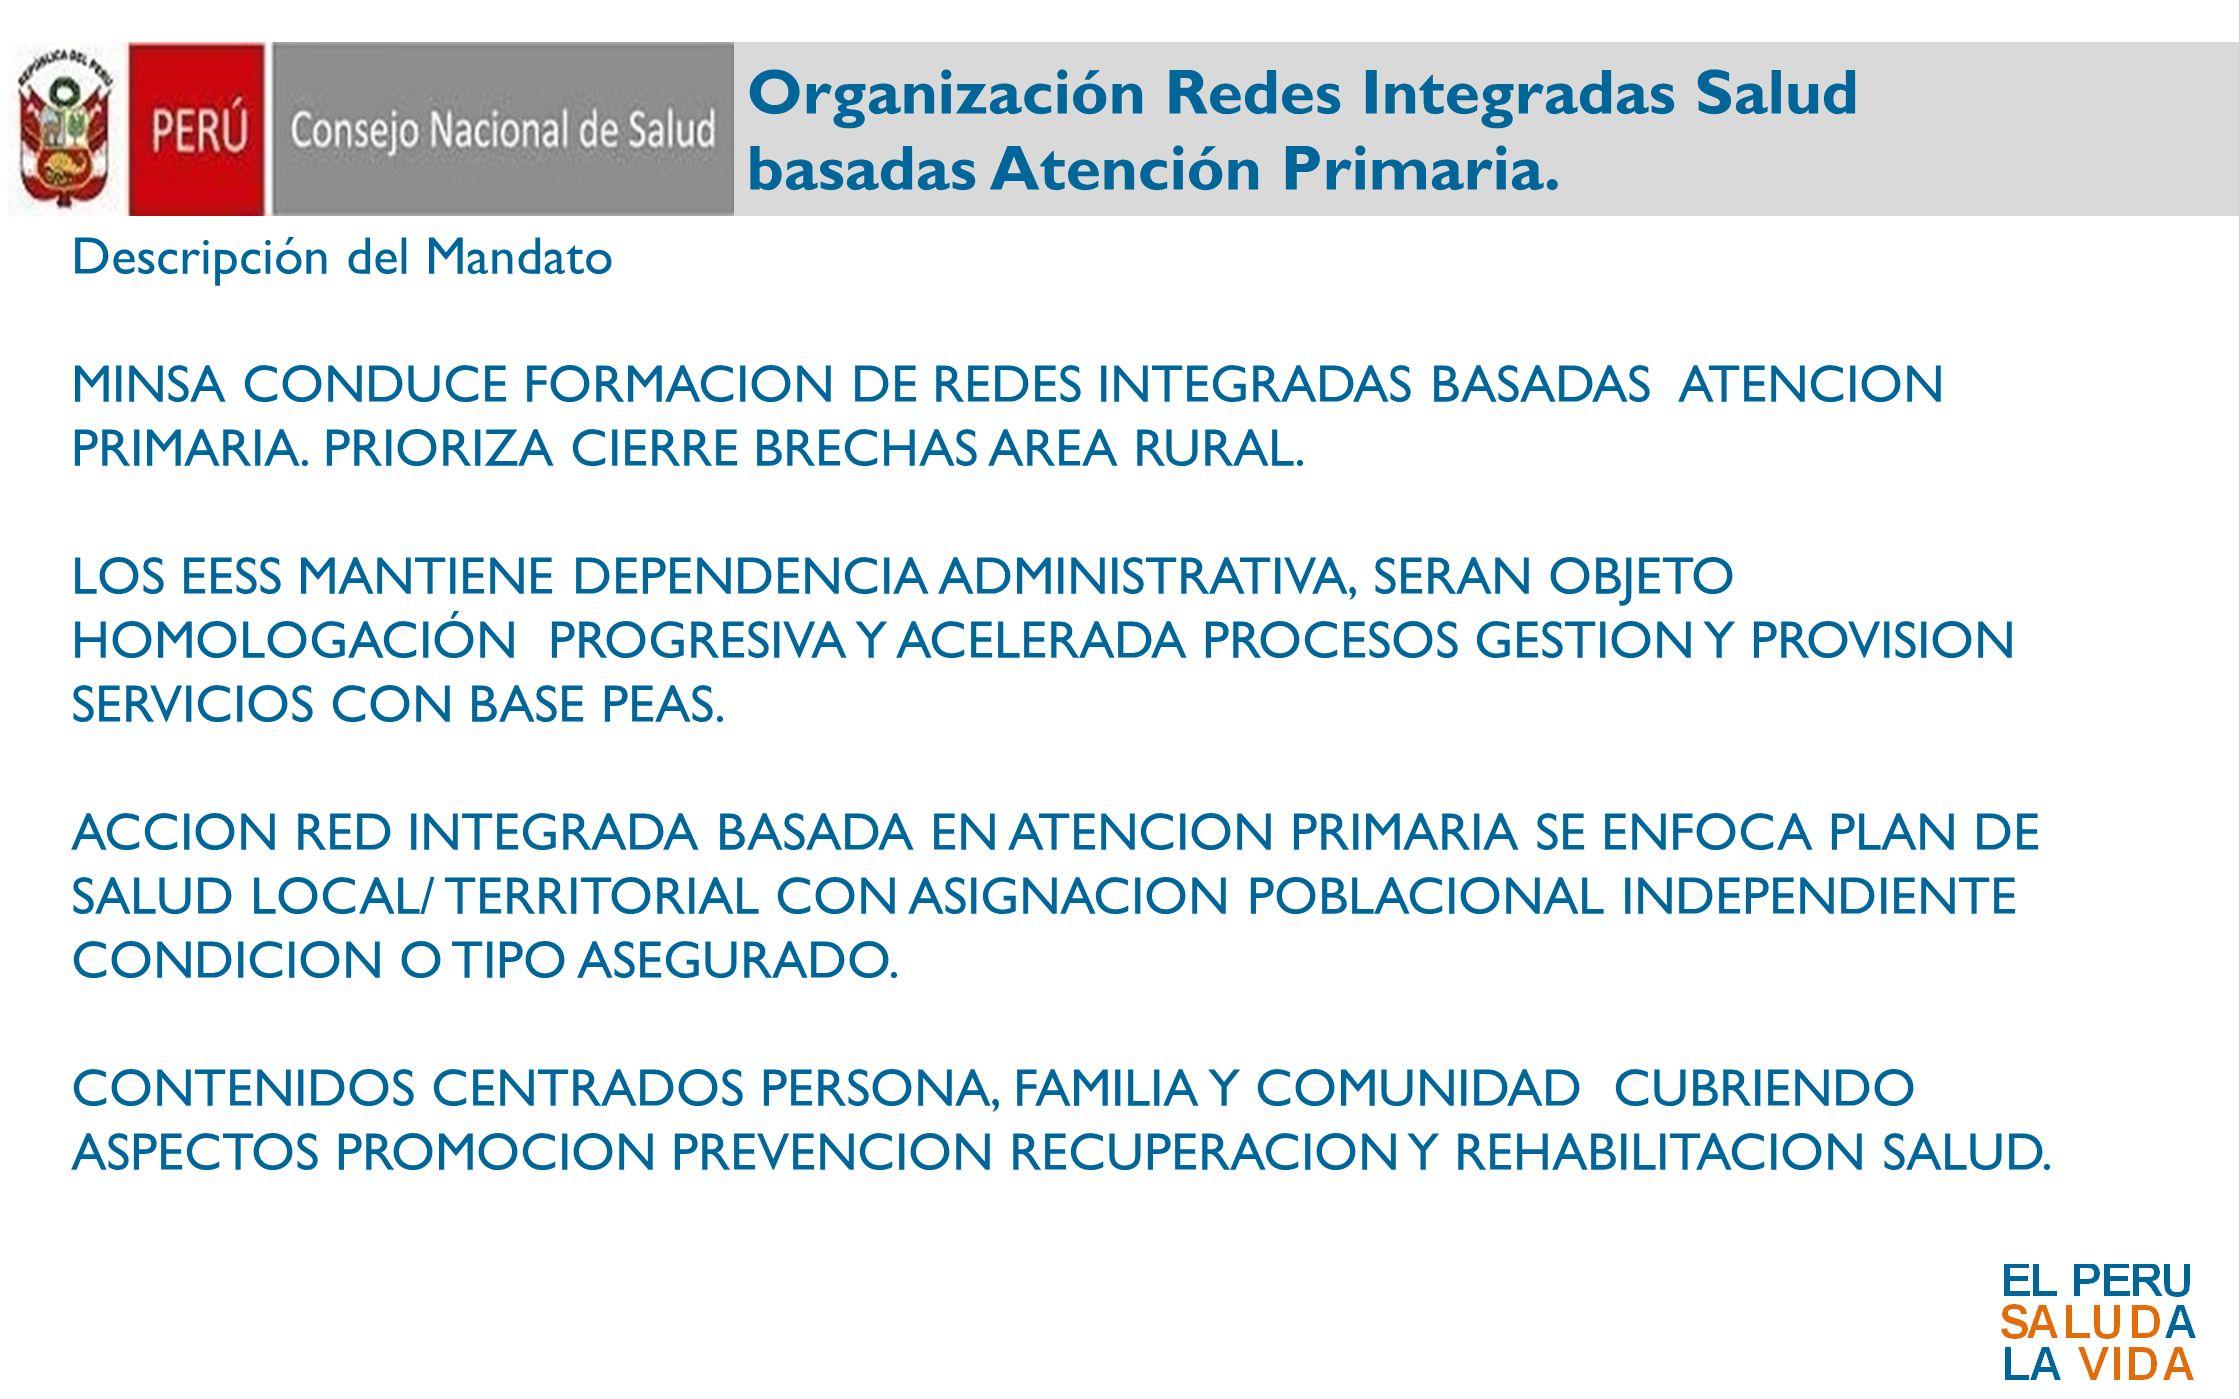 Organización Redes Integradas Salud basadas Atención Primaria. Descripción del Mandato MINSA CONDUCE FORMACION DE REDES INTEGRADAS BASADAS ATENCION PR